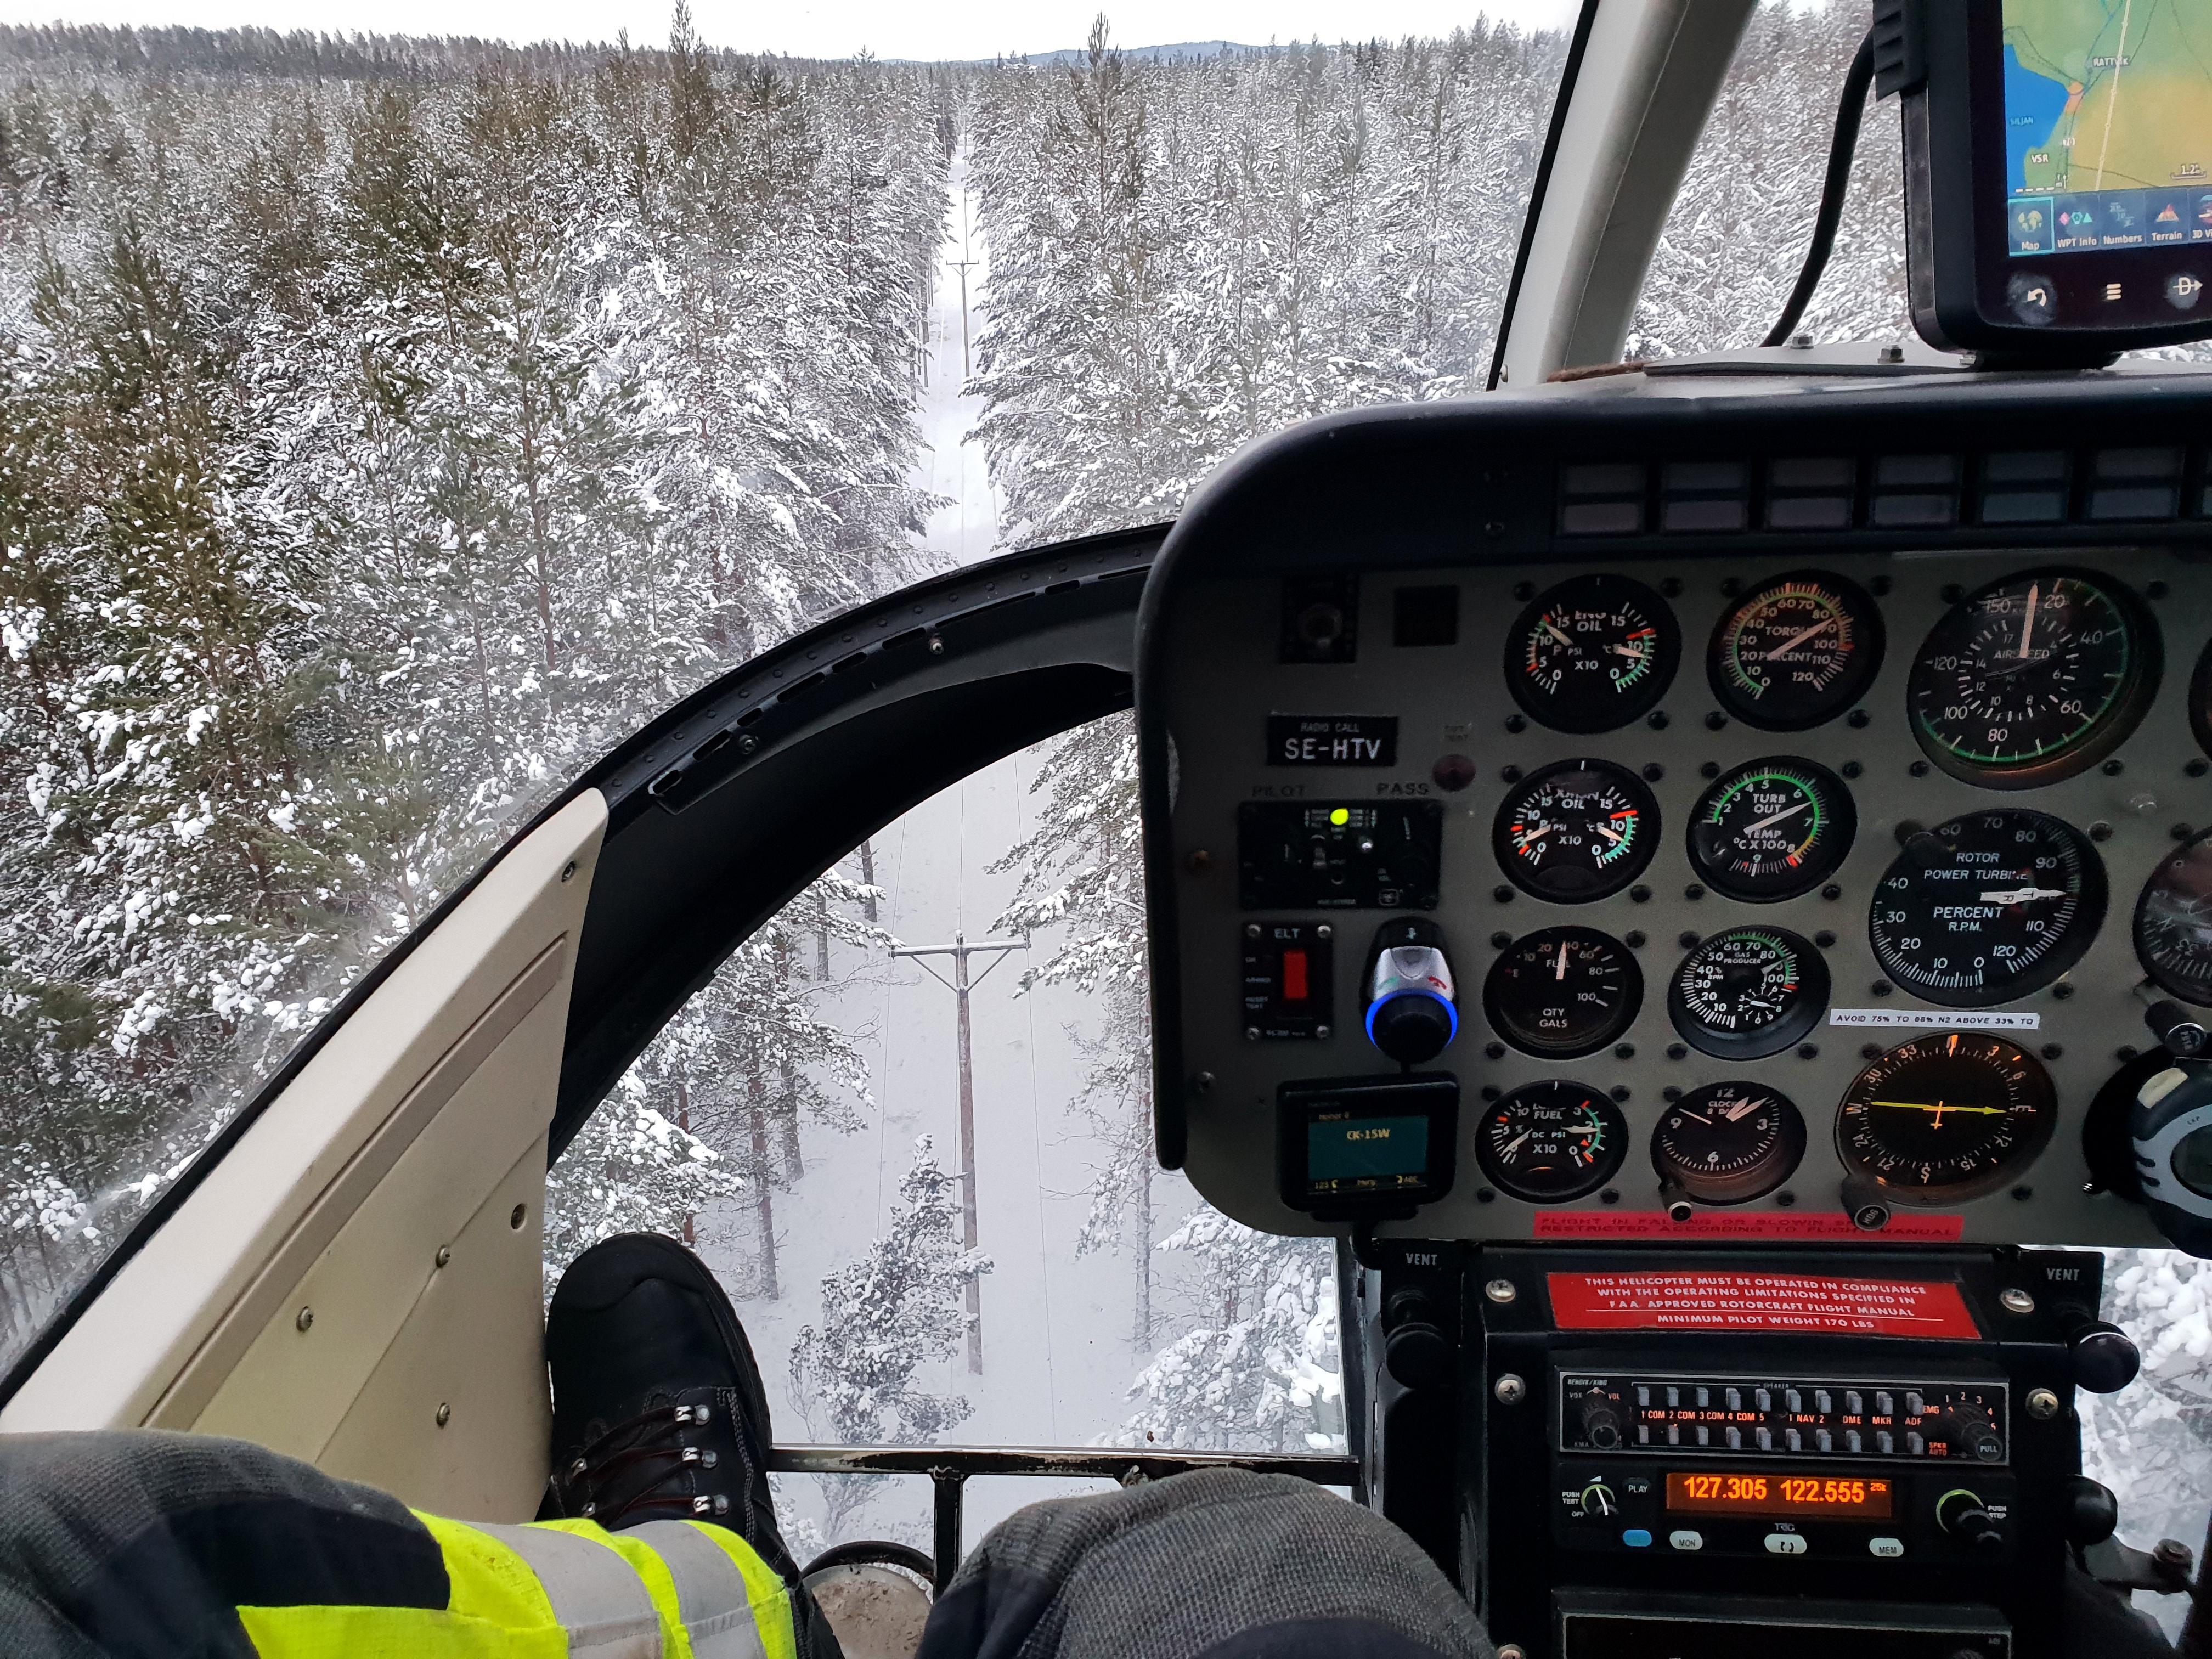 Vid en sån här ledningsbesiktning åker helikoptern mycket fortare och på högre höj än vid en vanlig besiktnig.